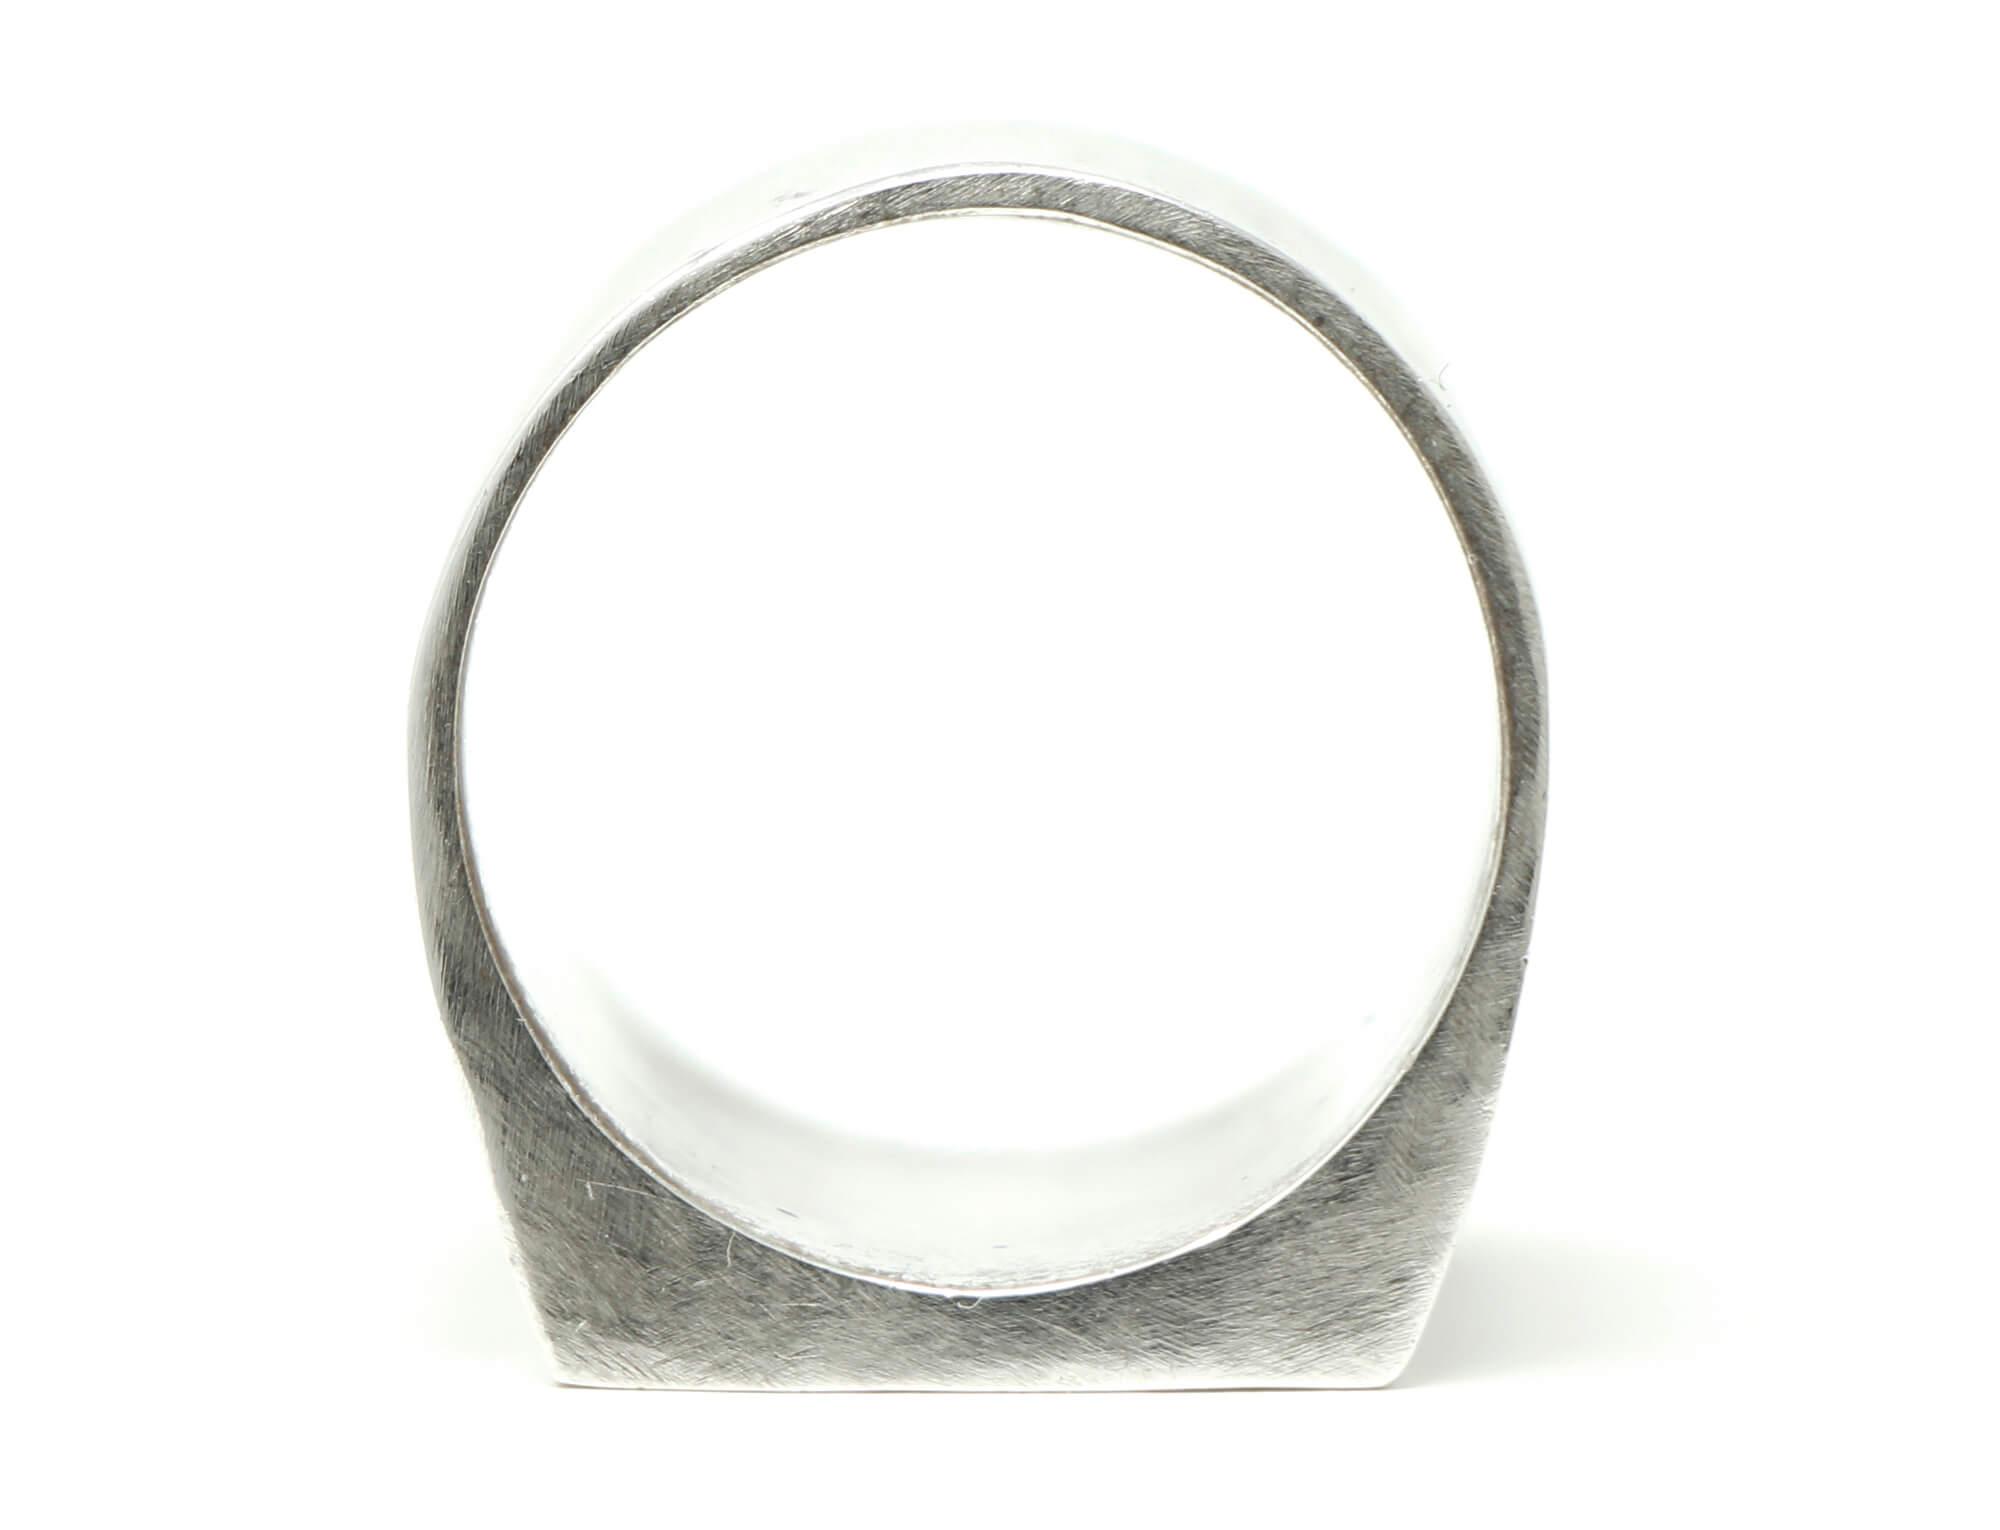 CUBER RING - JOIA PRATA 950